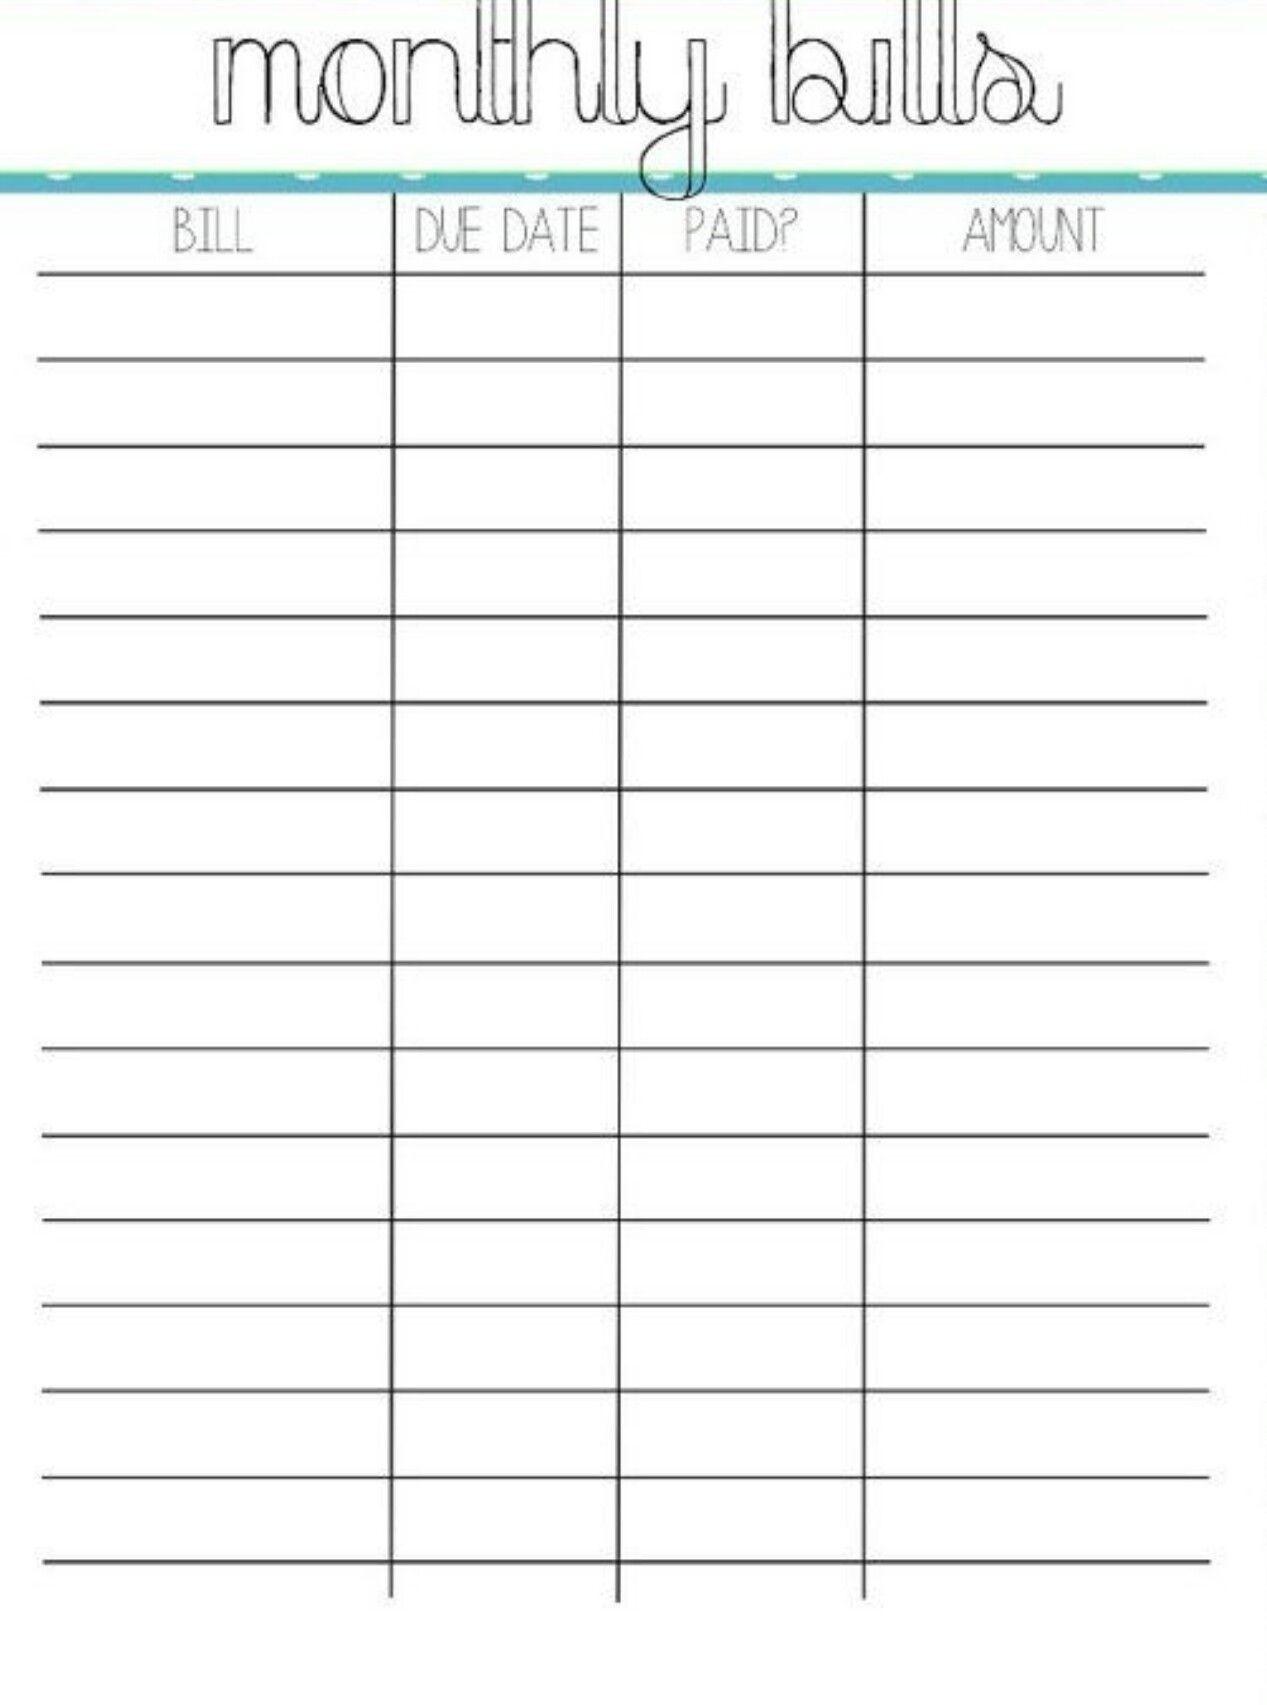 Blank Monthly Bill Payment Worksheet | Calendar Template  Monthly Bill Payment Sheet